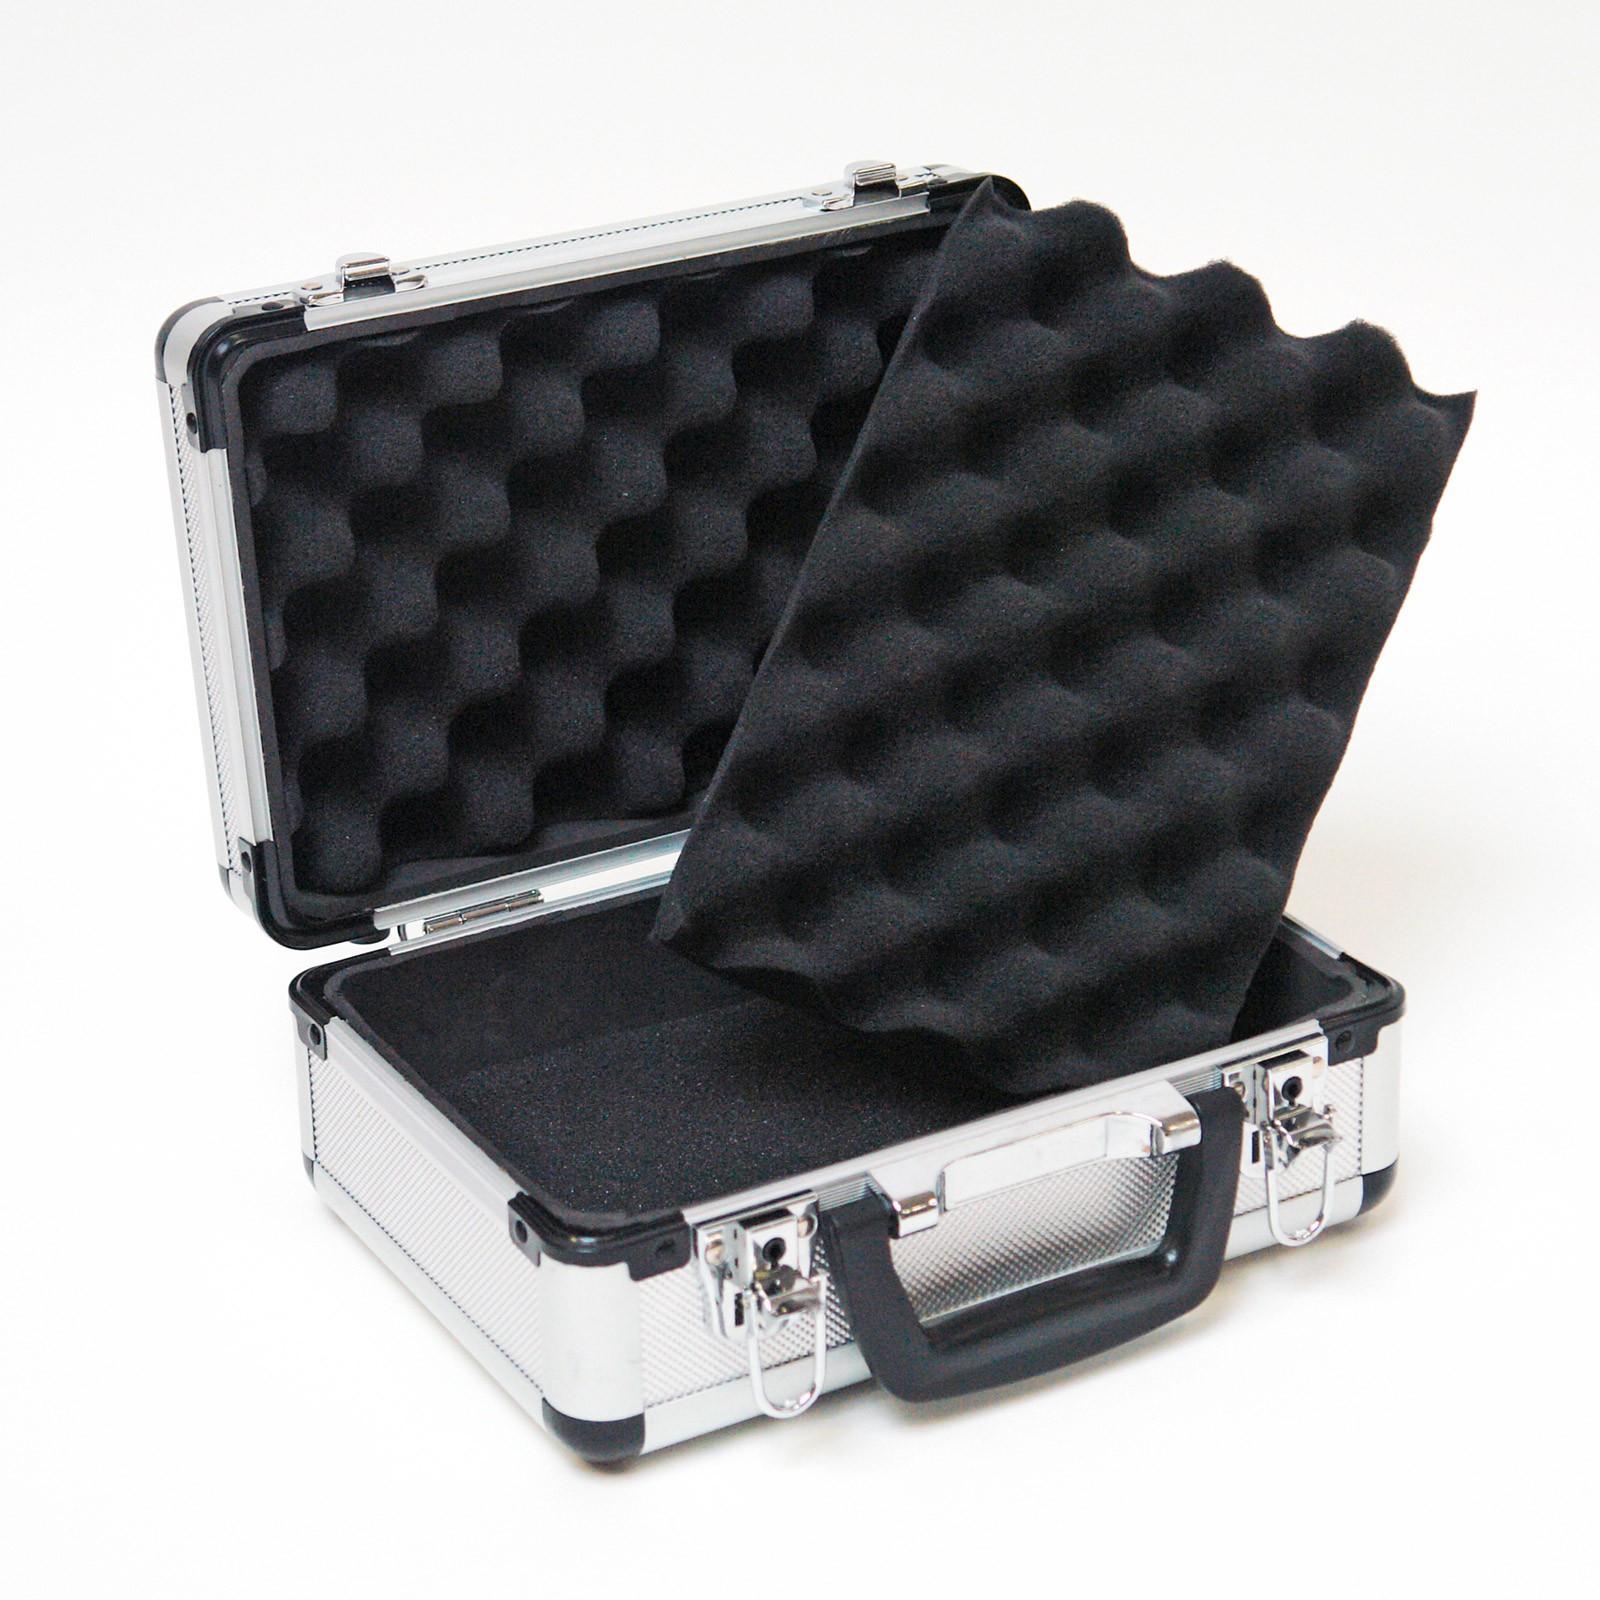 aluminium koffer mit schaumstoff allzweckkoffer. Black Bedroom Furniture Sets. Home Design Ideas